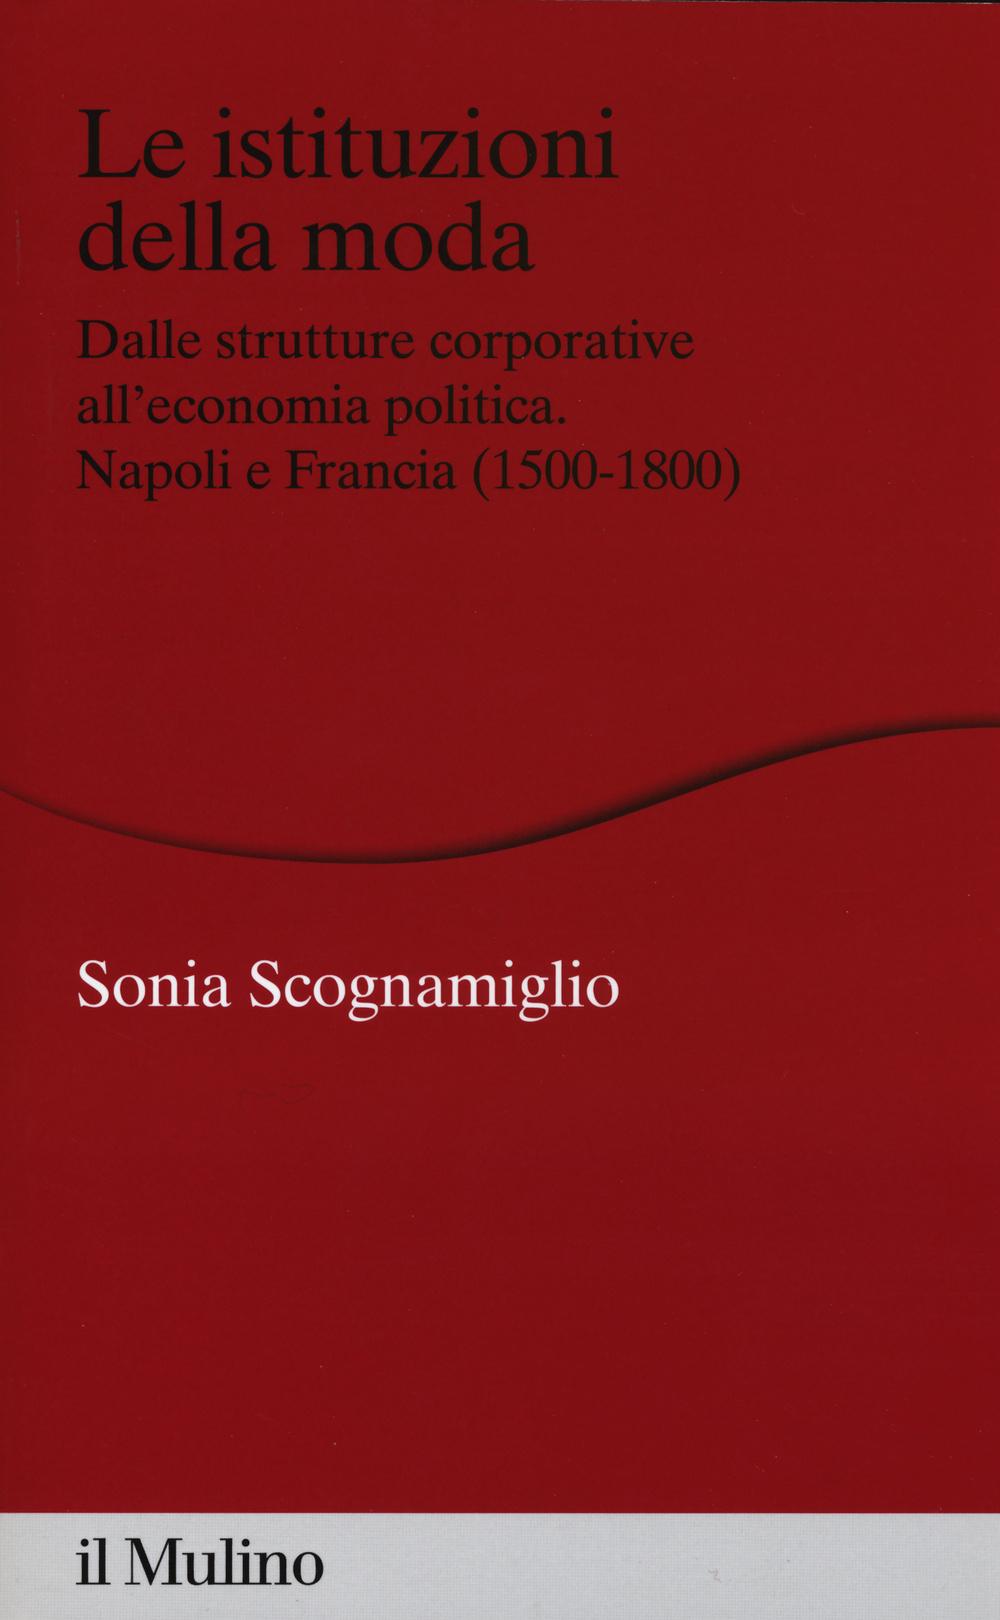 ISTITUZIONI DELLA MODA. DALLE STRUTTURE CORPORATIVE ALL'ECONOMIA POLITICA. NAPOLI E FRANCIA (1500-1800) (LE) - 9788815253217